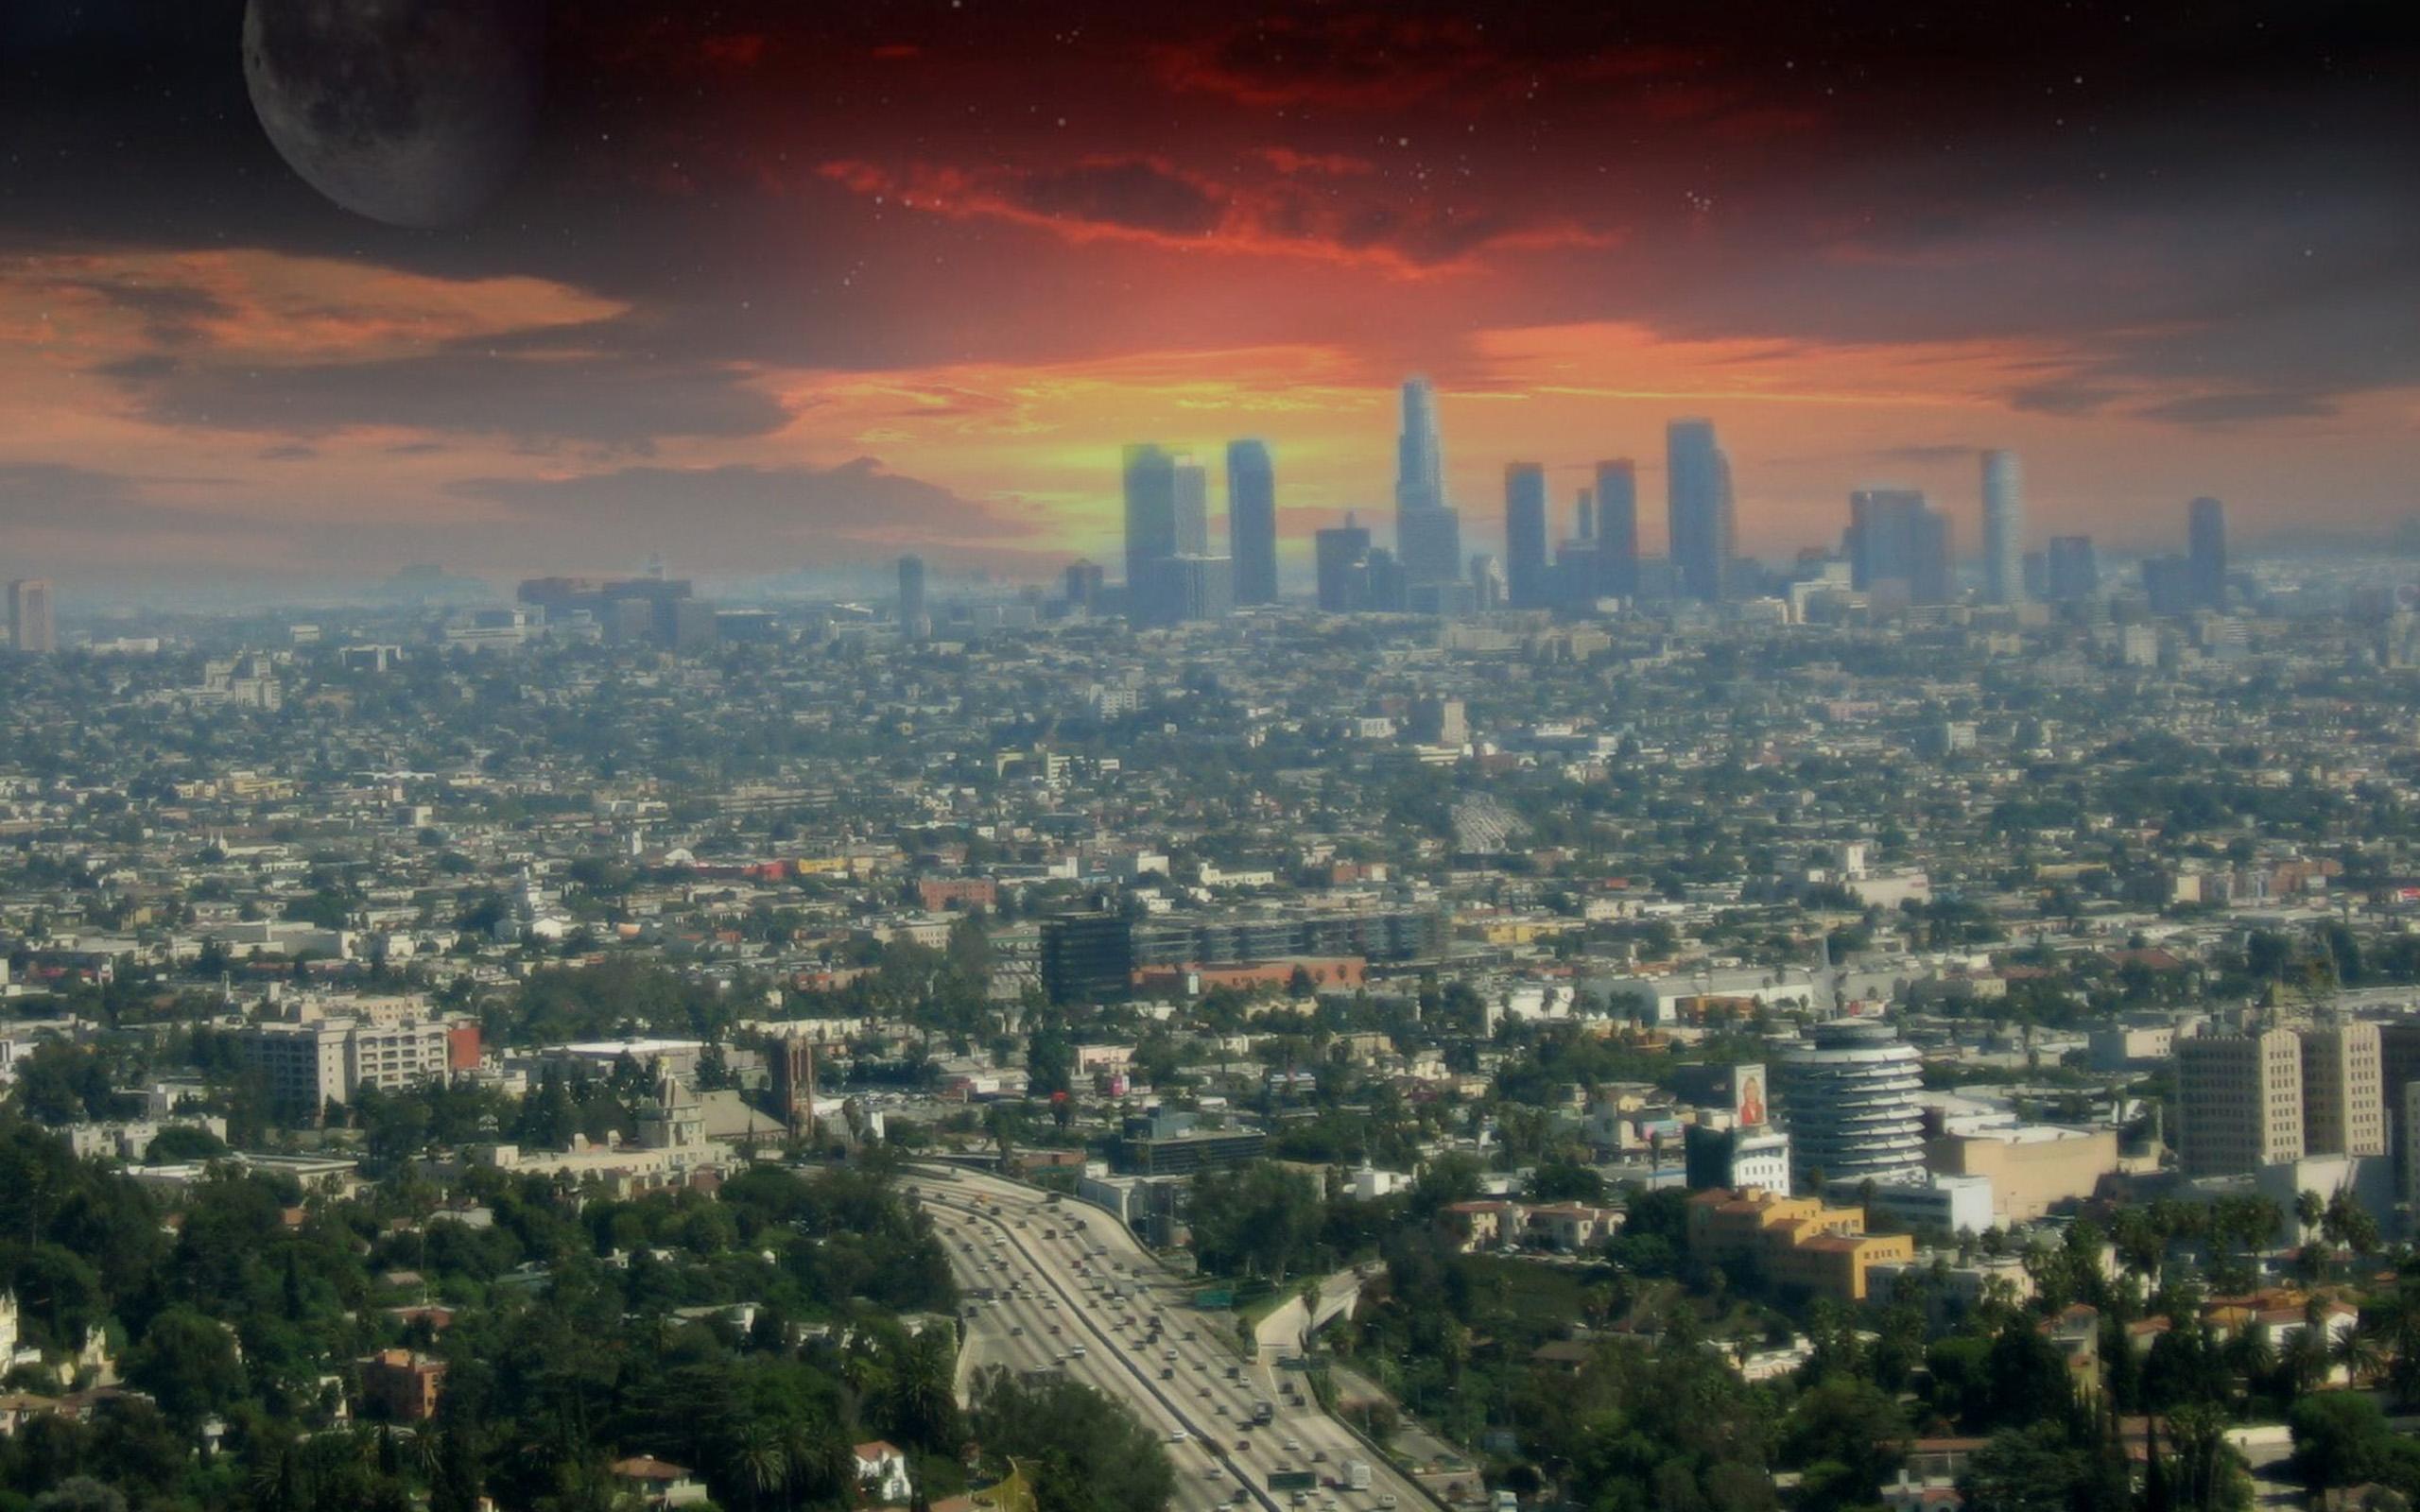 ロサンゼルス ロサンゼルスデスクトップ壁紙 2560x1600 Wallpapertip